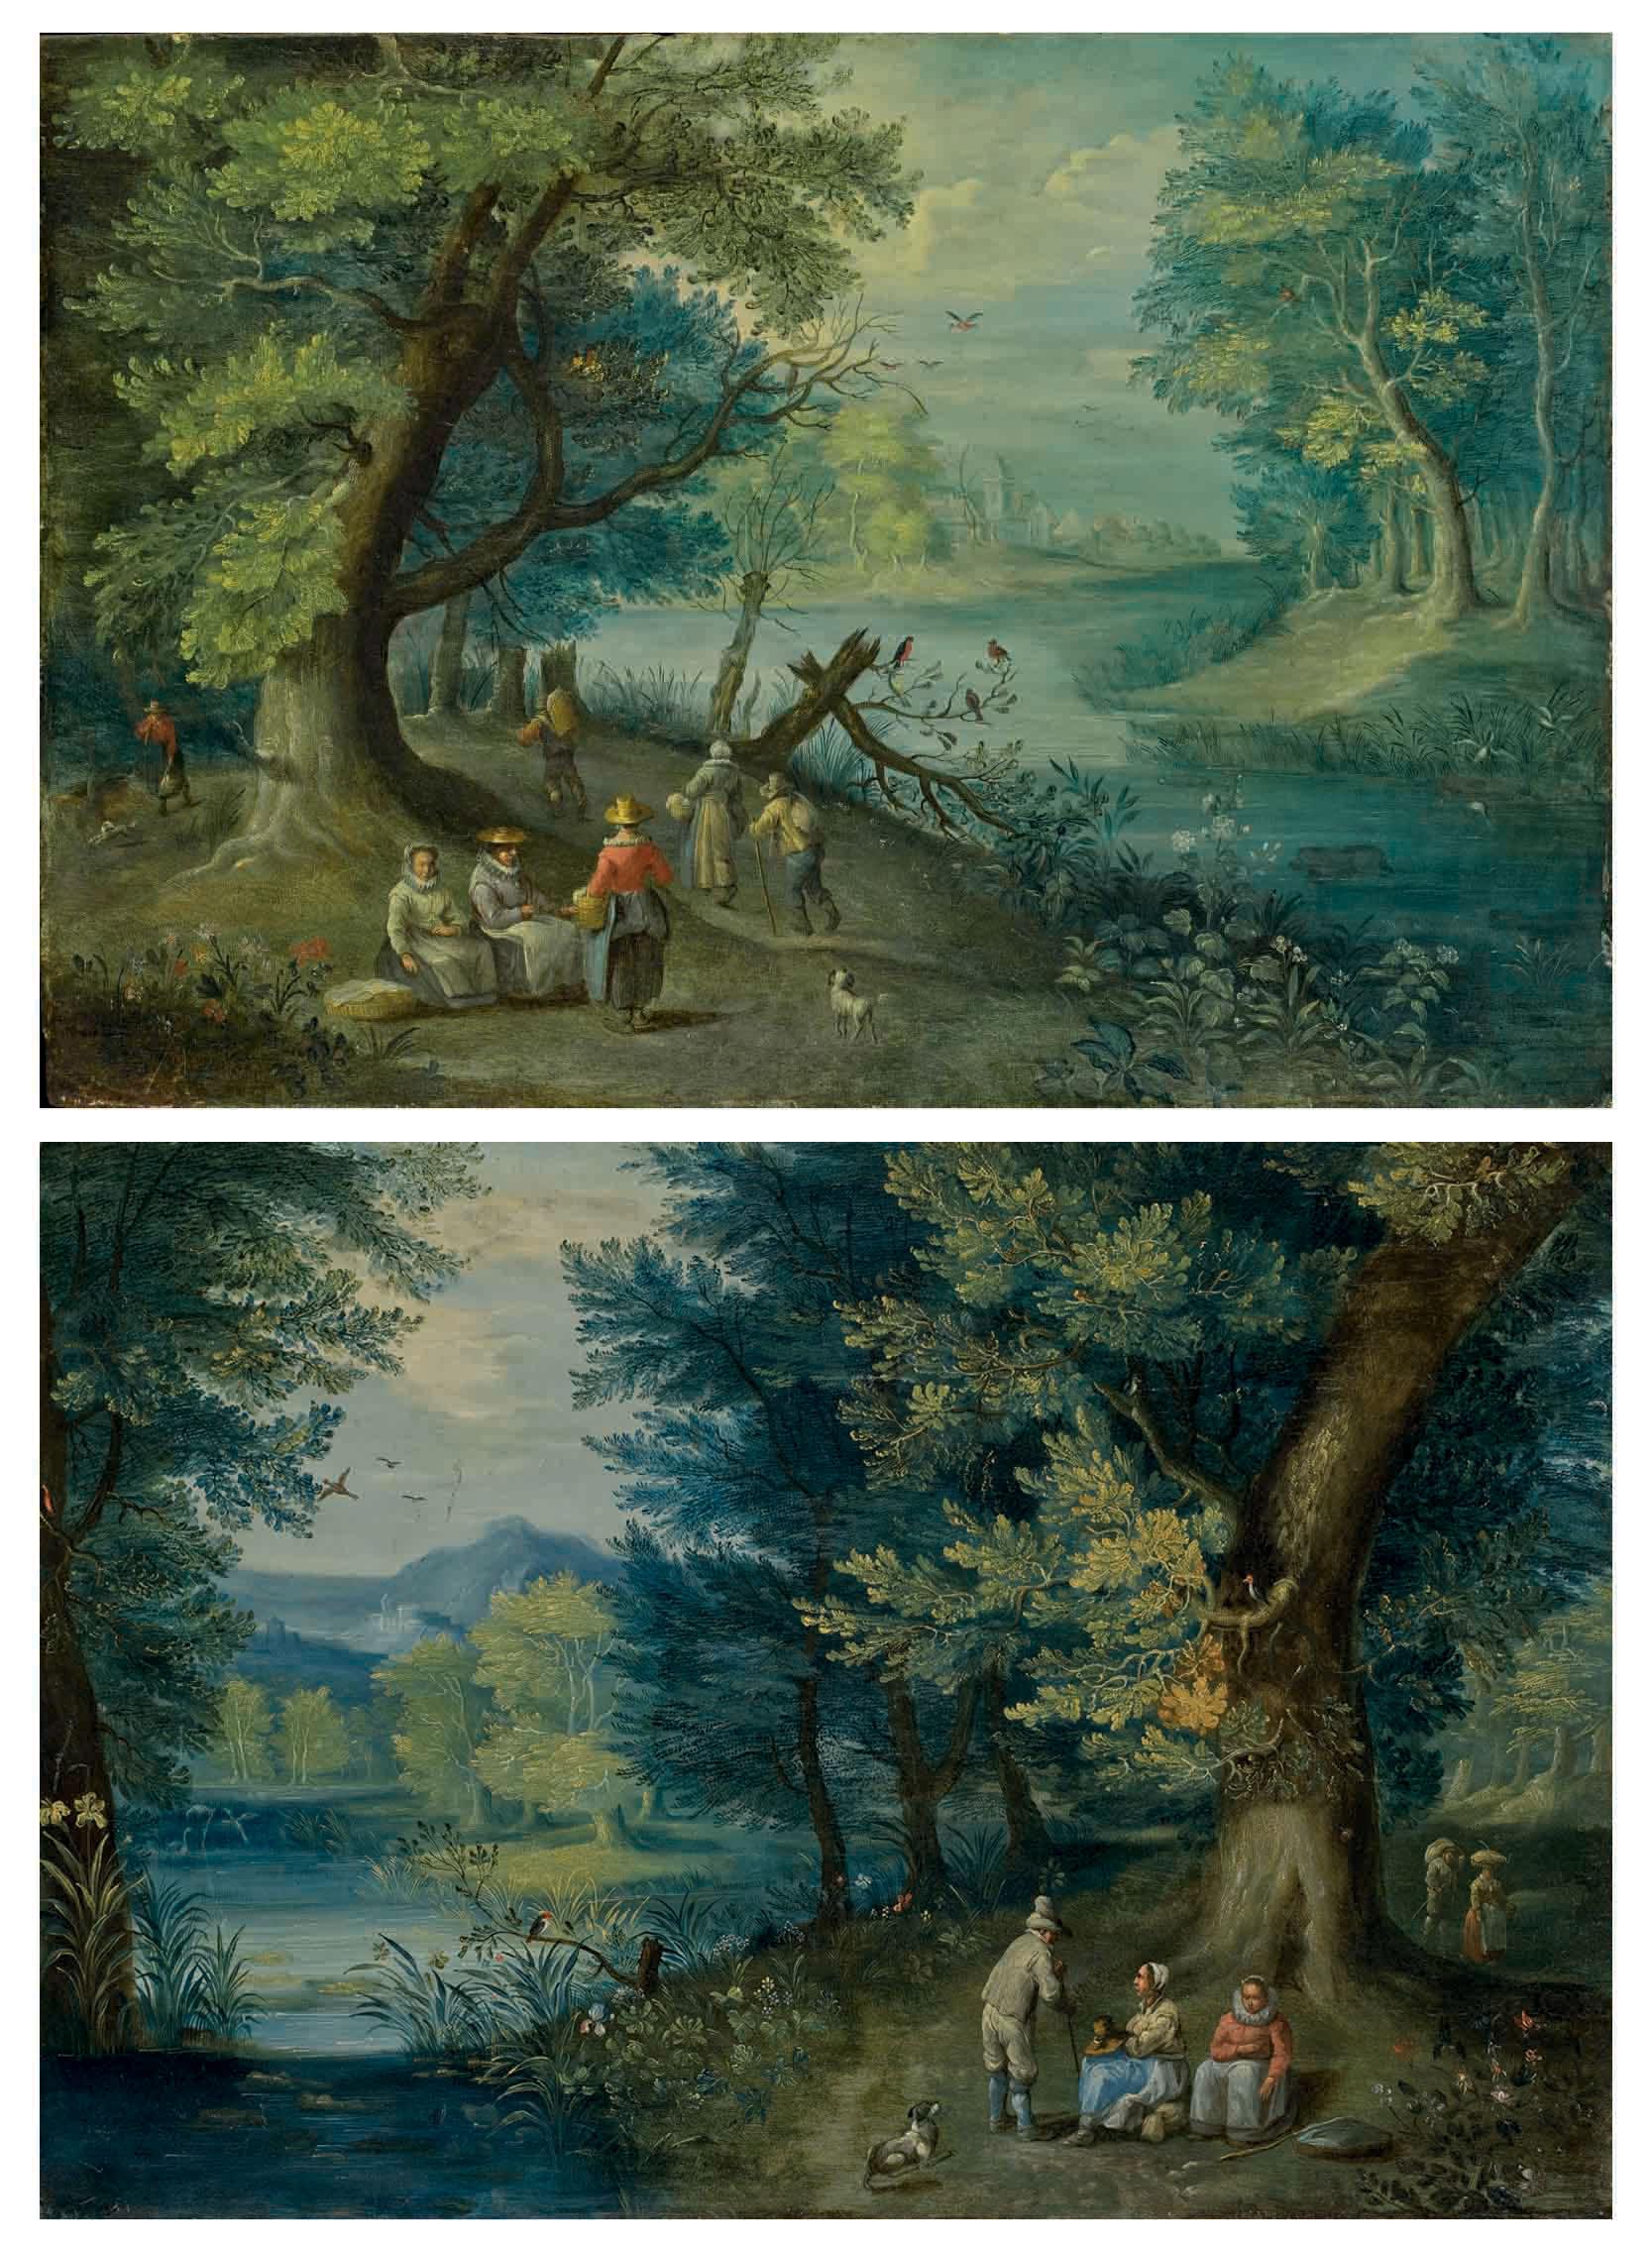 Personnages se promenant au bord d'une rivière; et Personnages discutant dans un paysage de rivière